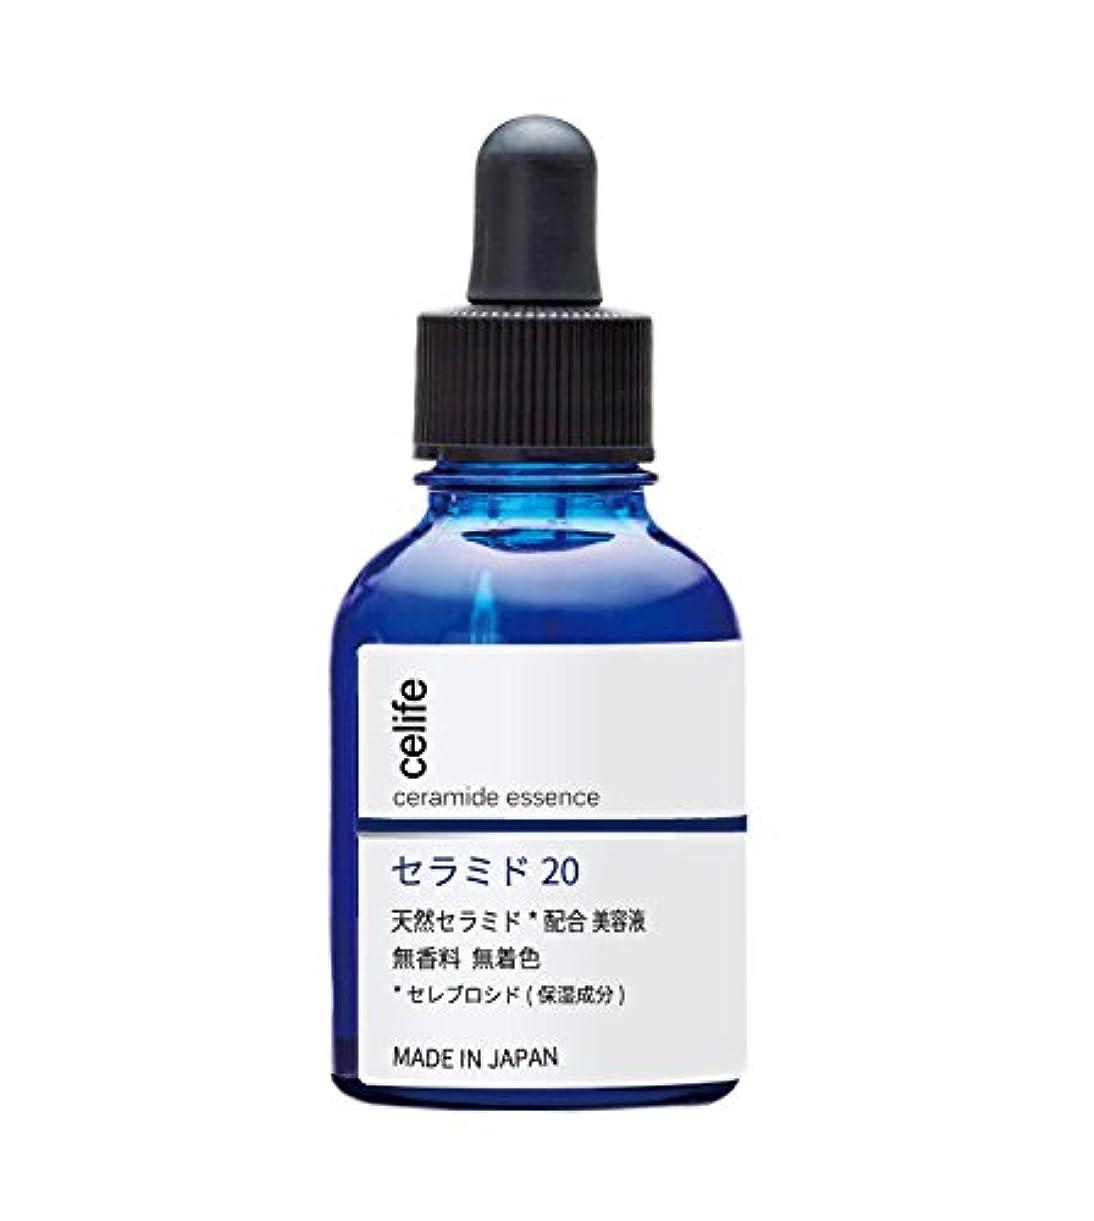 天然セラミド配合美容液 セラミド 20